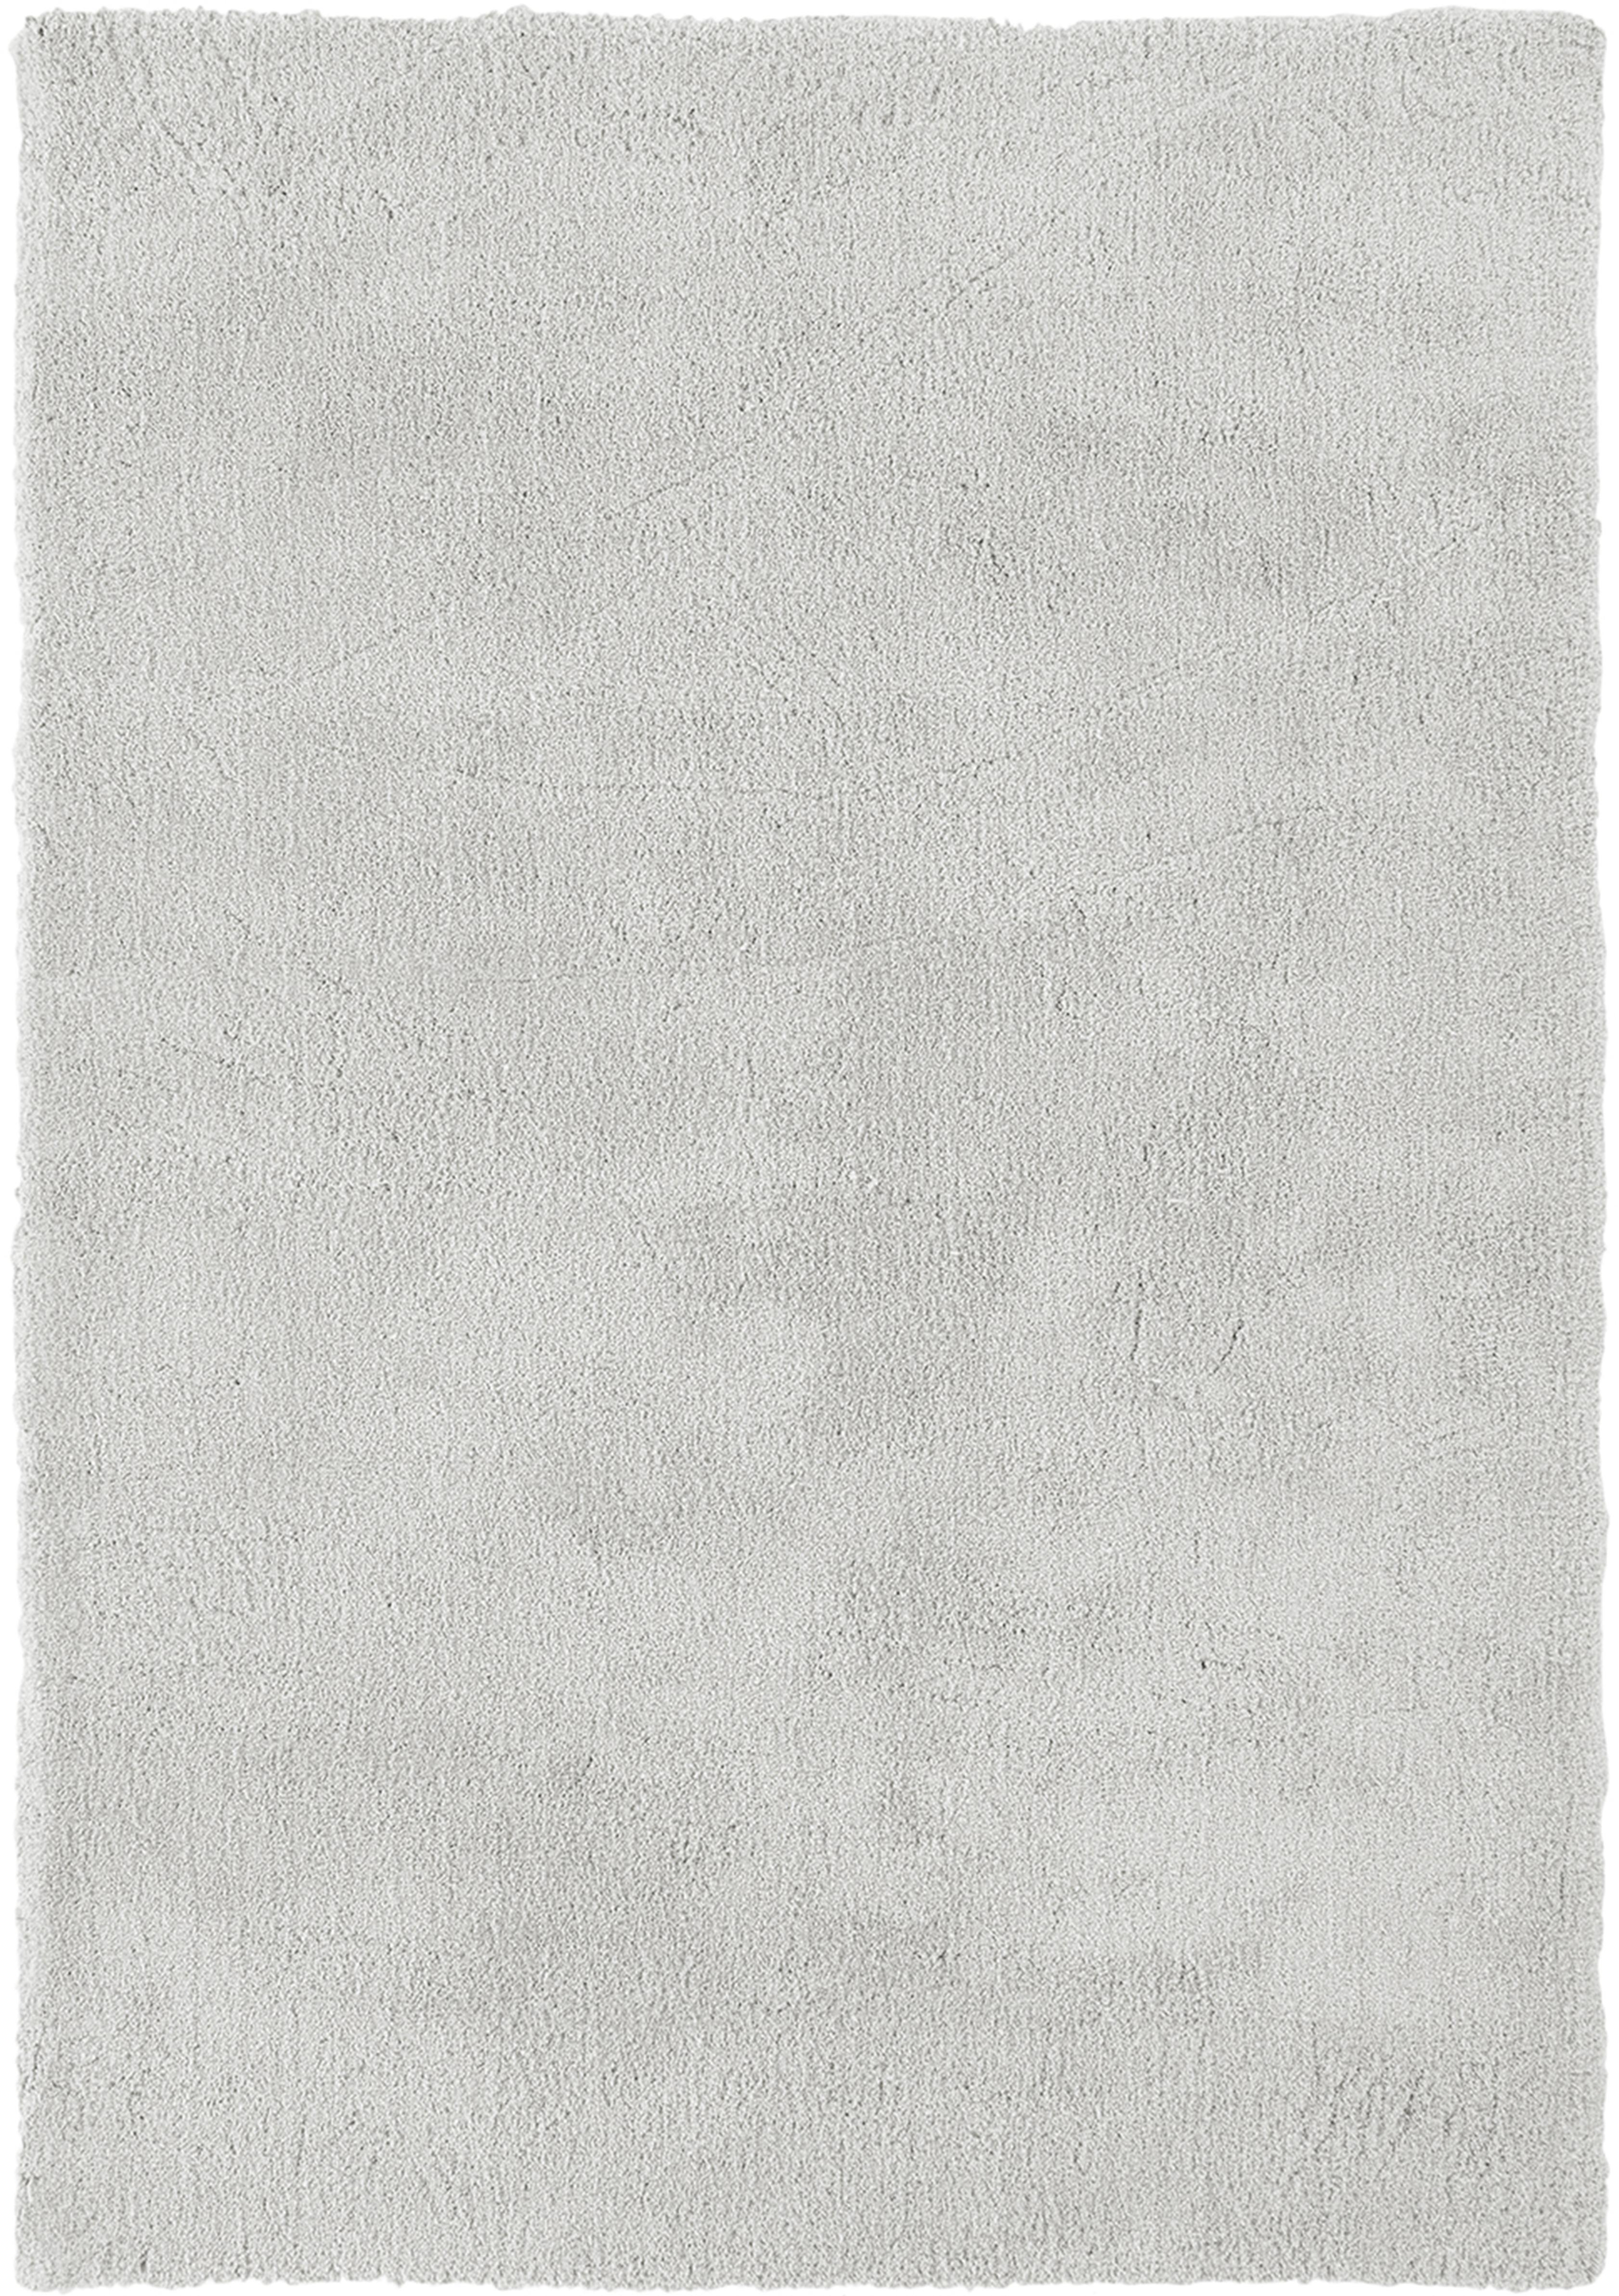 Flauschiger Hochflor-Teppich Leighton in Hellgrau, Flor: 100% Polyester (Mikrofase, Hellgrau, B 160 x L 230 cm (Größe M)